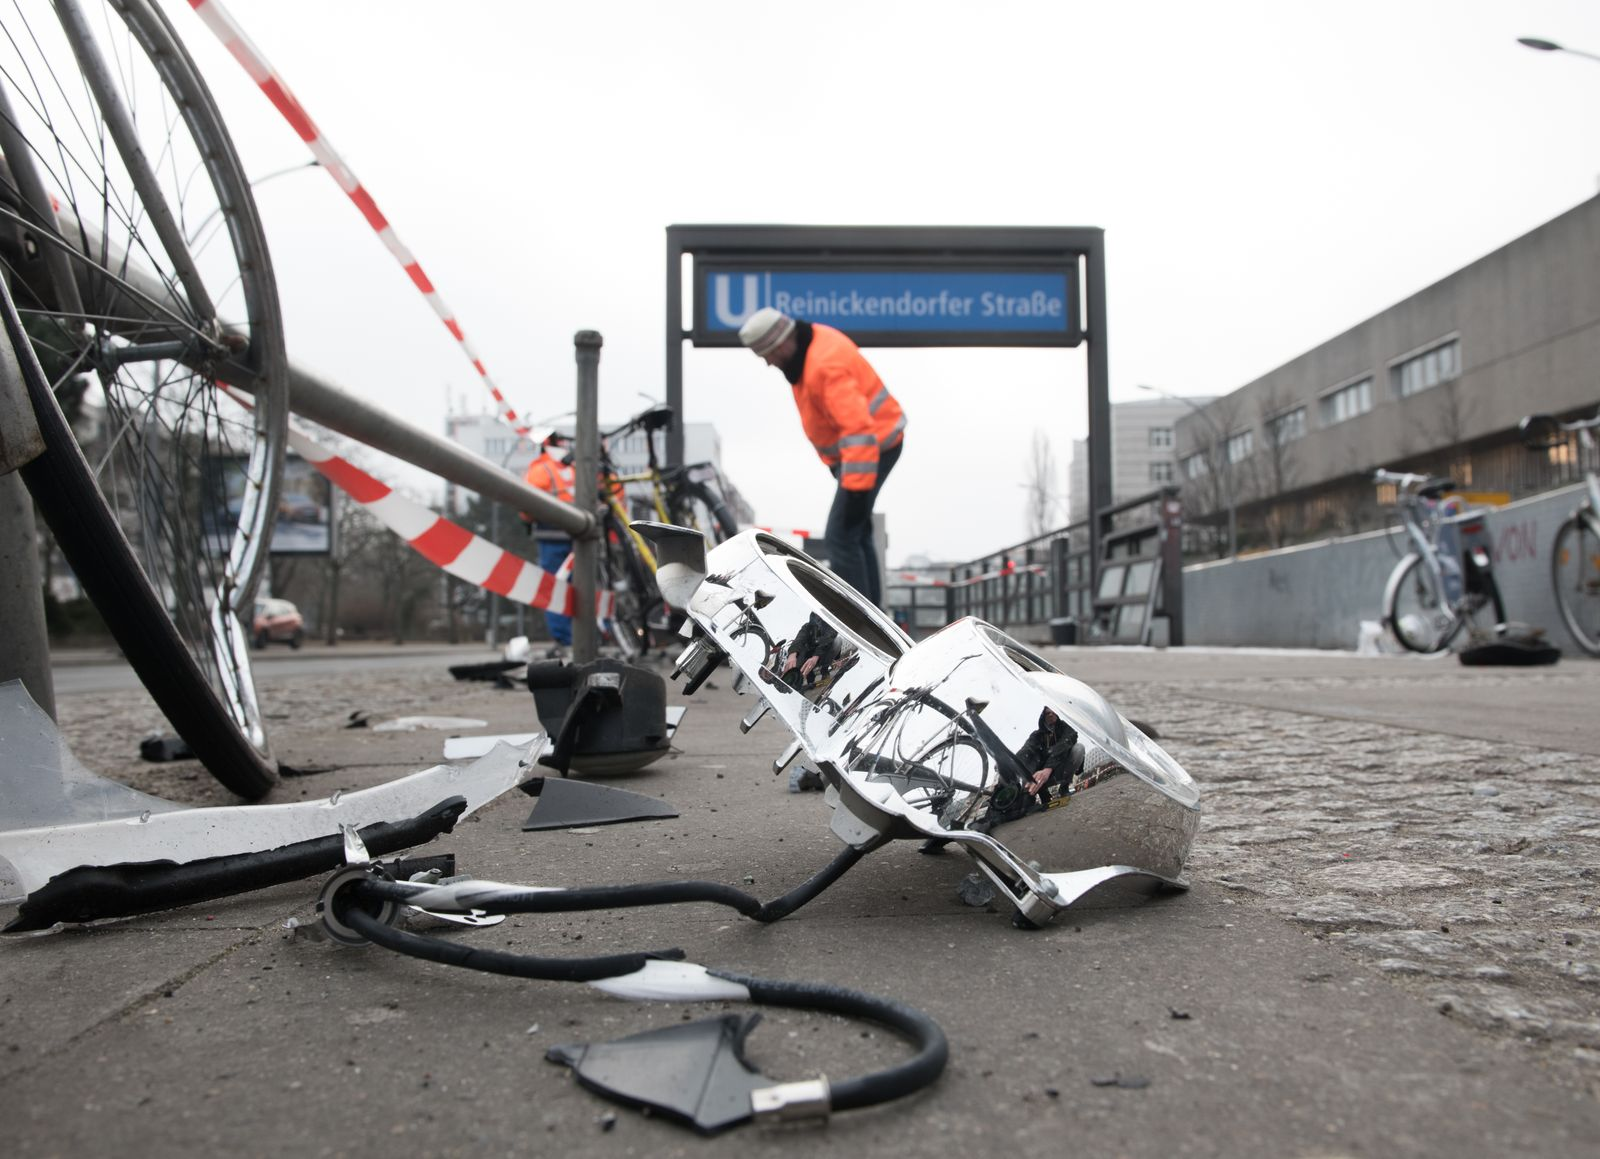 Schwerer Unfall an U-Bahnstation